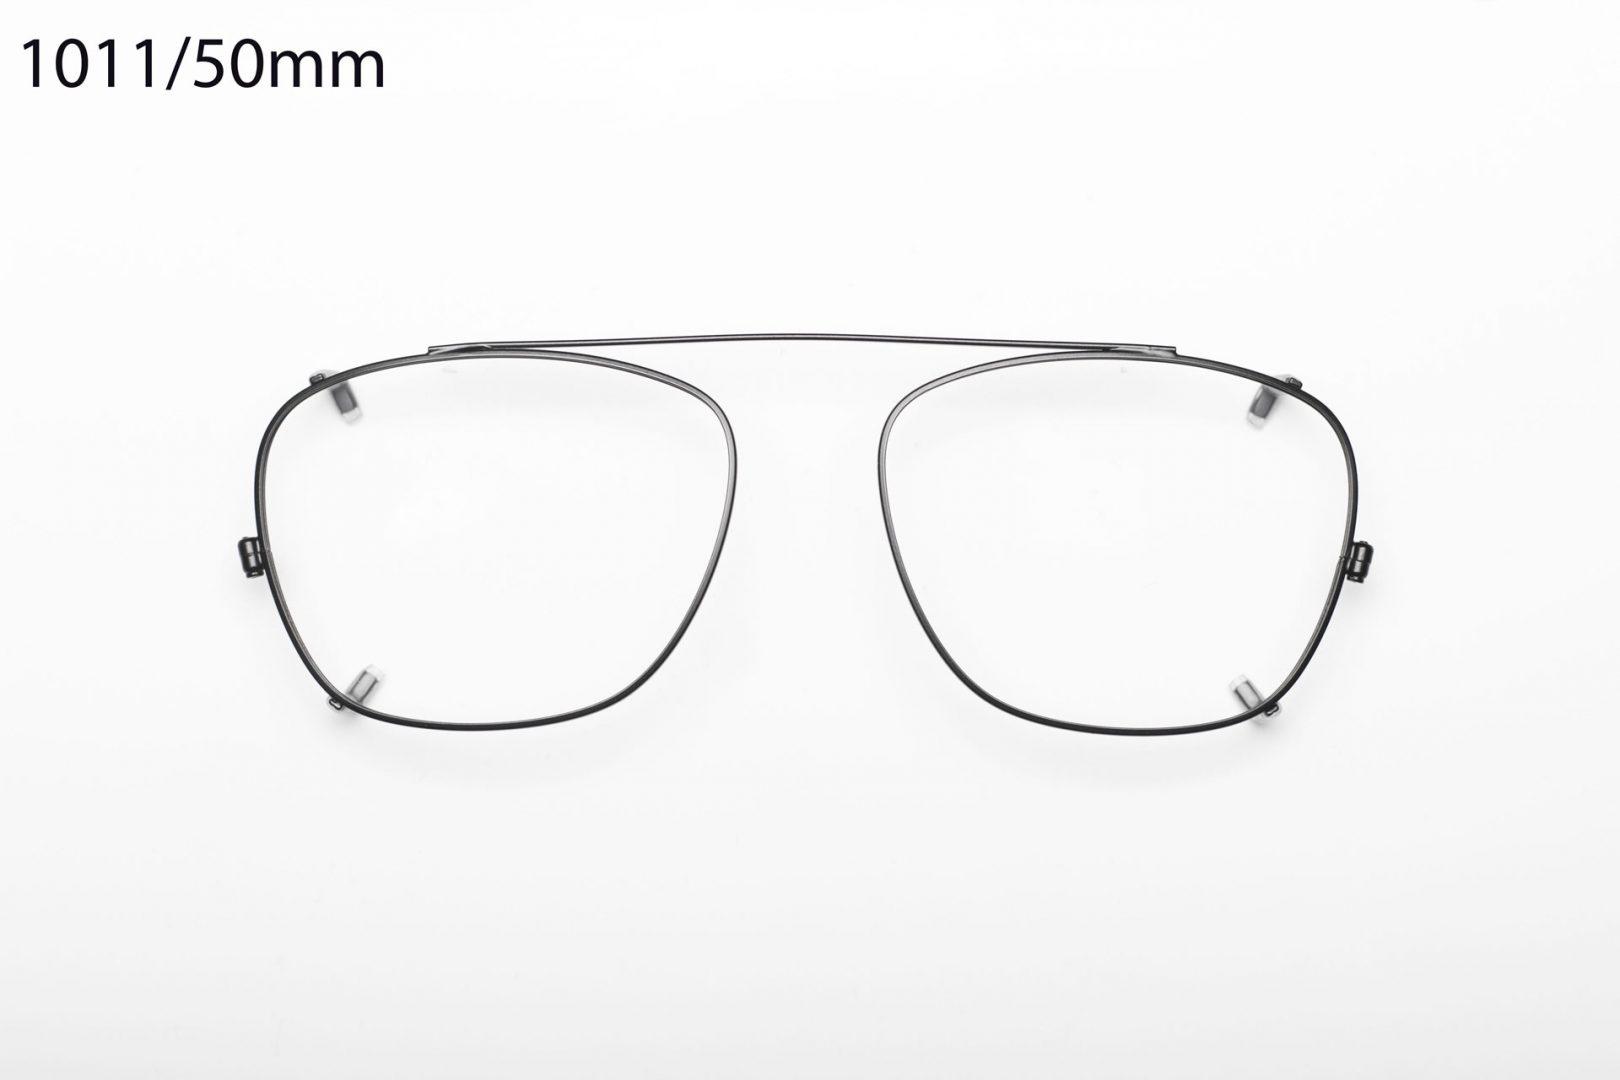 Modèle A16-101150mm